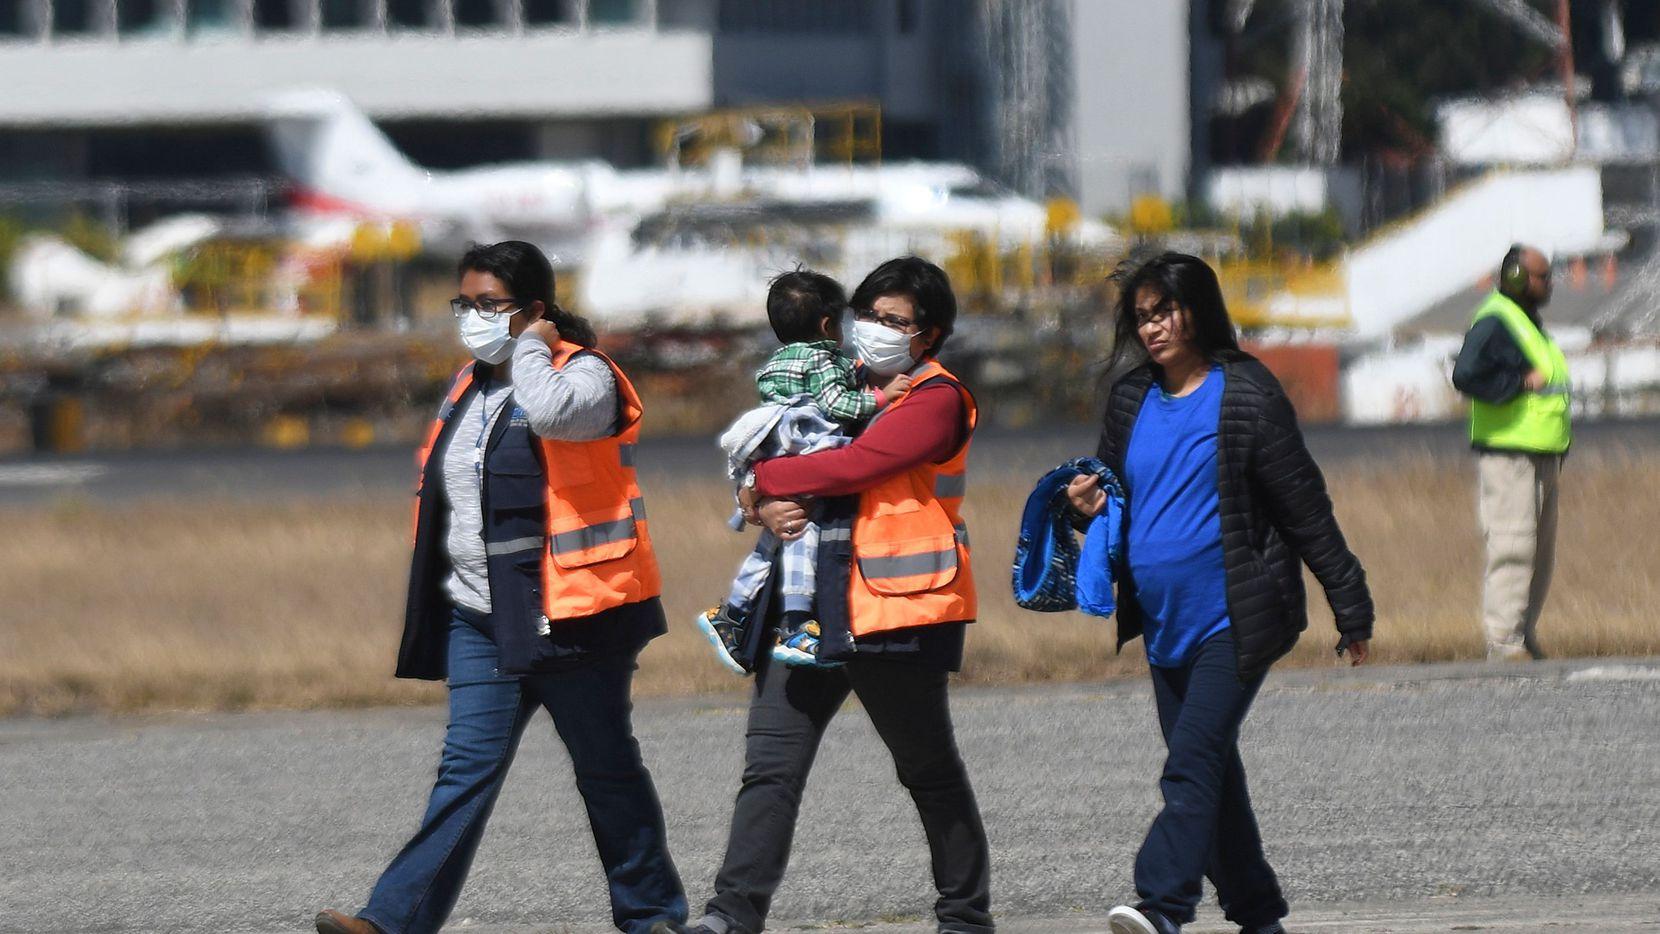 Agentes de migración de Guatemala con mascarillas protectoras recibieron en el Aeropuerto Internacional de Guatemala a un grupo de migrantes que fueron deportados desde Estados Unidos.